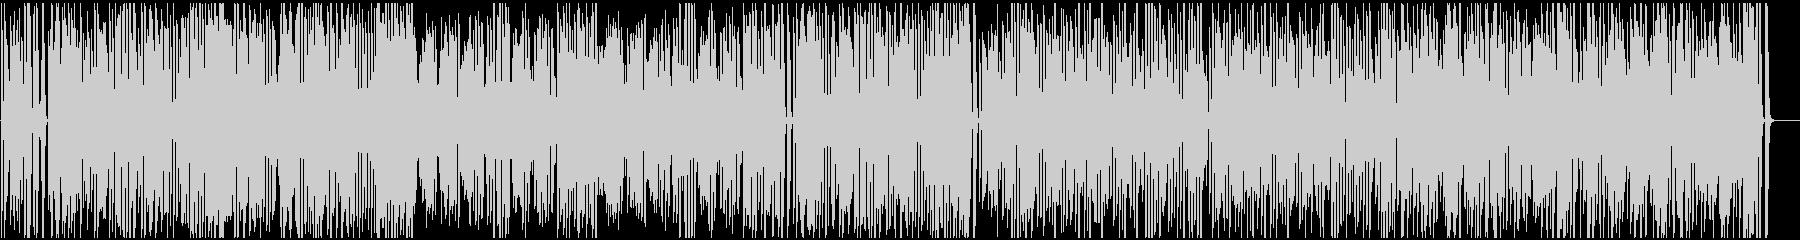 ピアノ名曲ジョプリン ほのぼのした優しさの未再生の波形